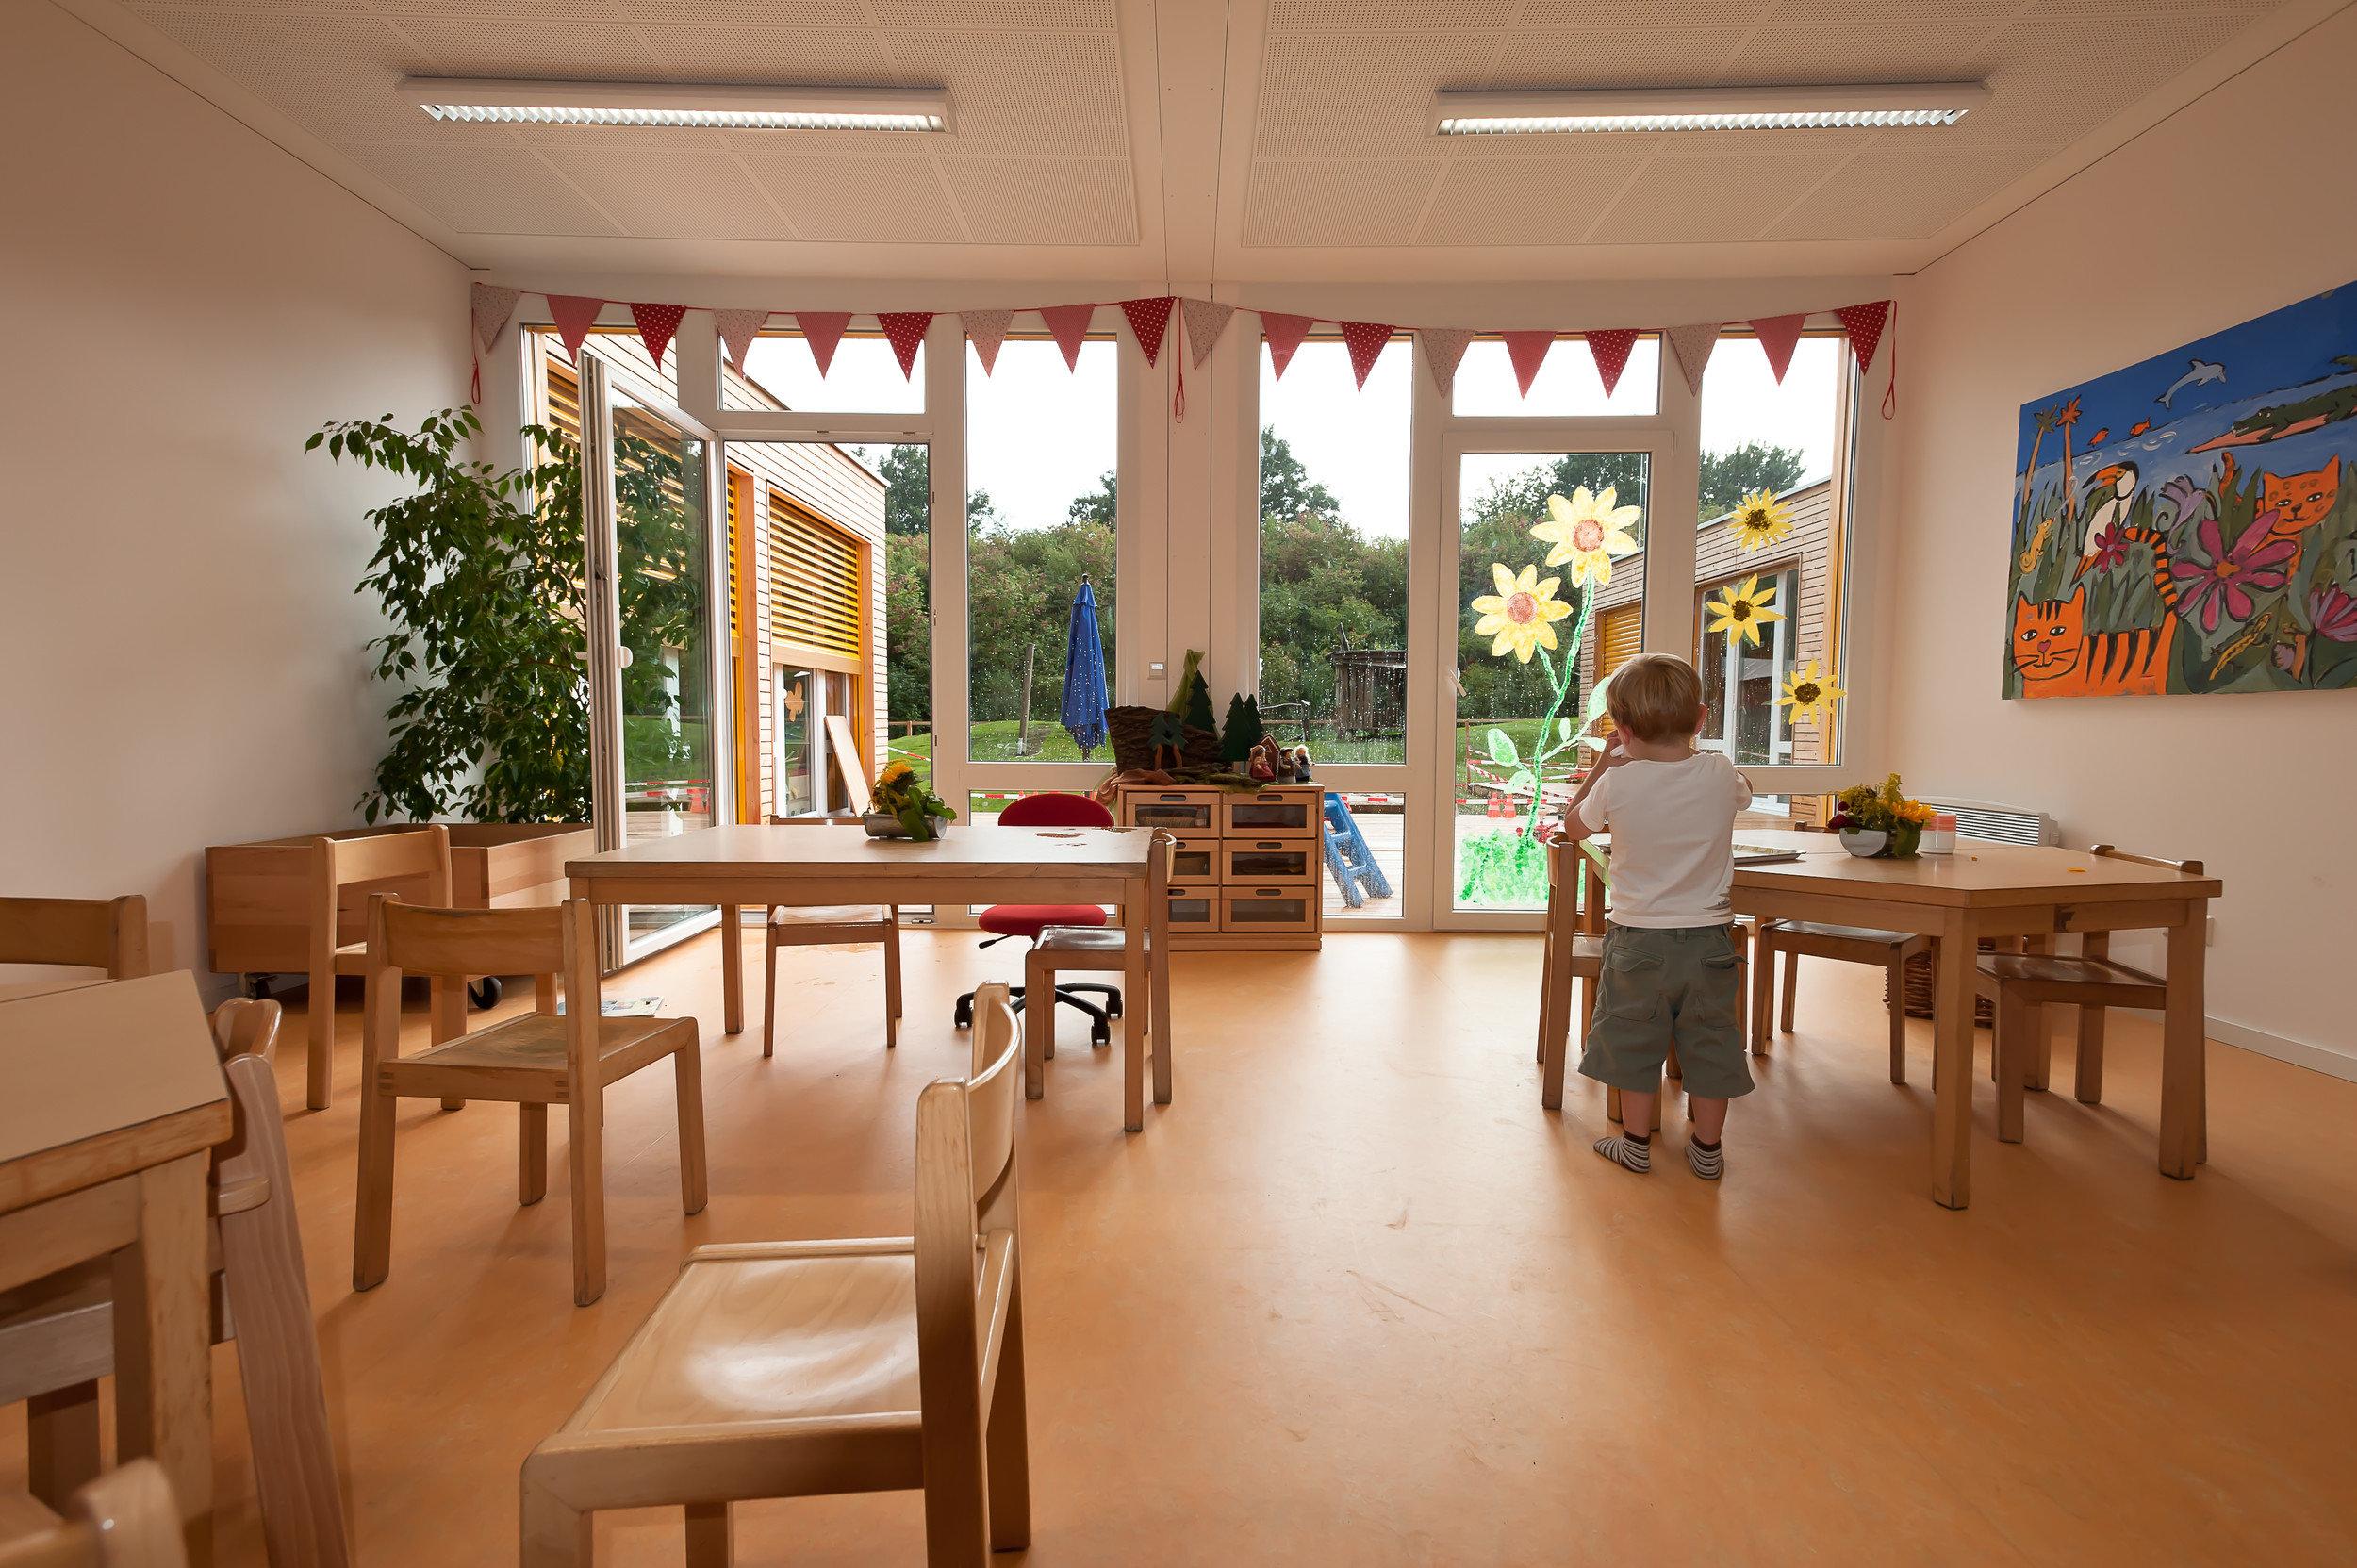 KITA möblierter Aufenthaltsraum mit grossen Fenstern